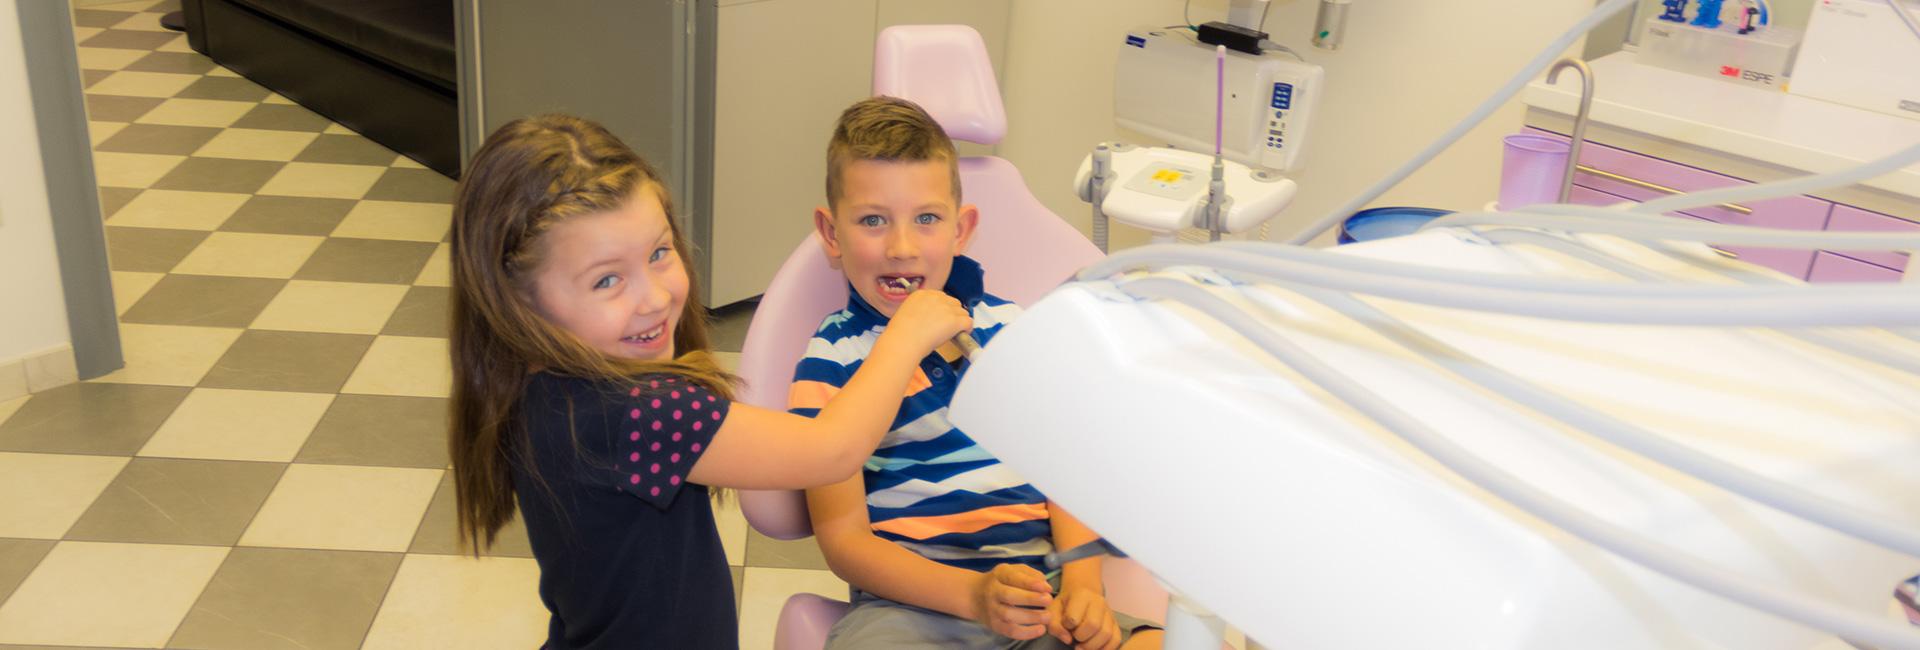 Ordinacija Dentalne medicine Dražen Kinkela | Rijeka | Hrvatska